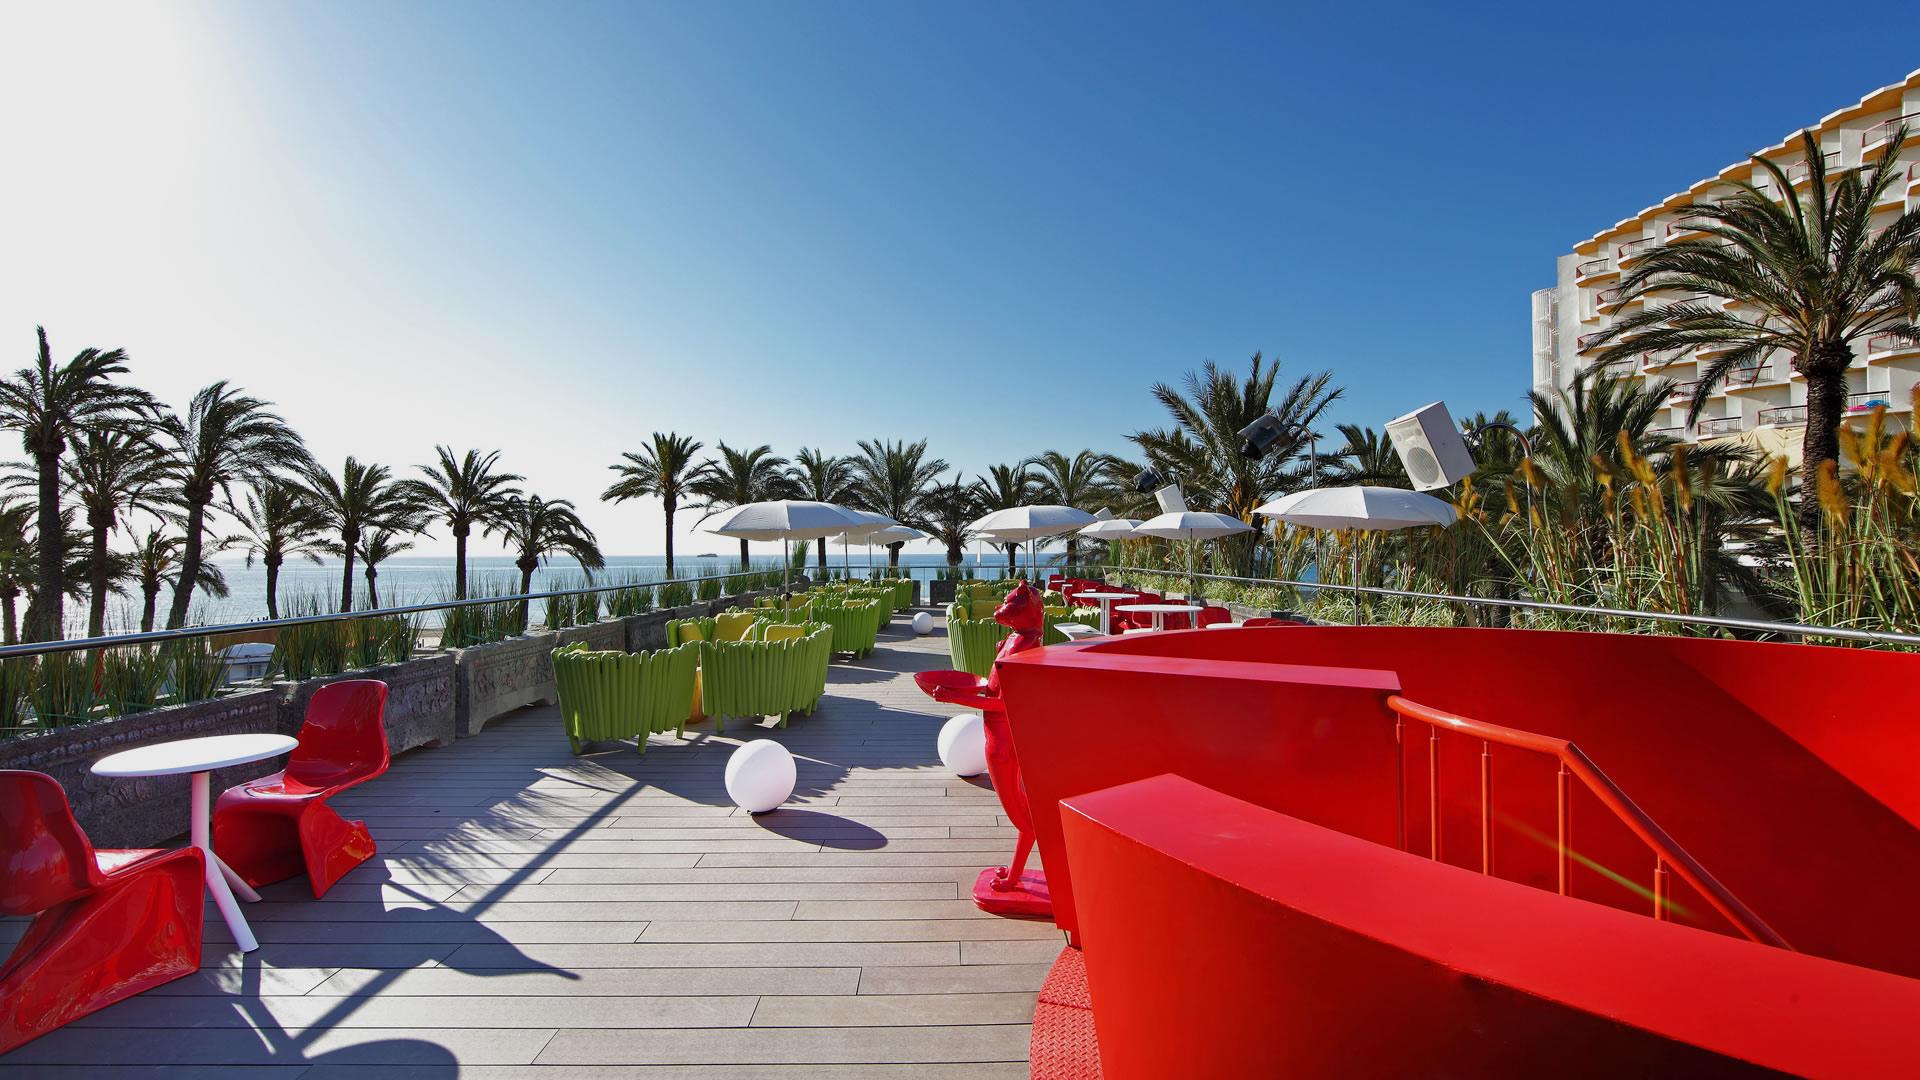 HC Mobiliario para jardín y hoteles en Canarias » Soluciones ...